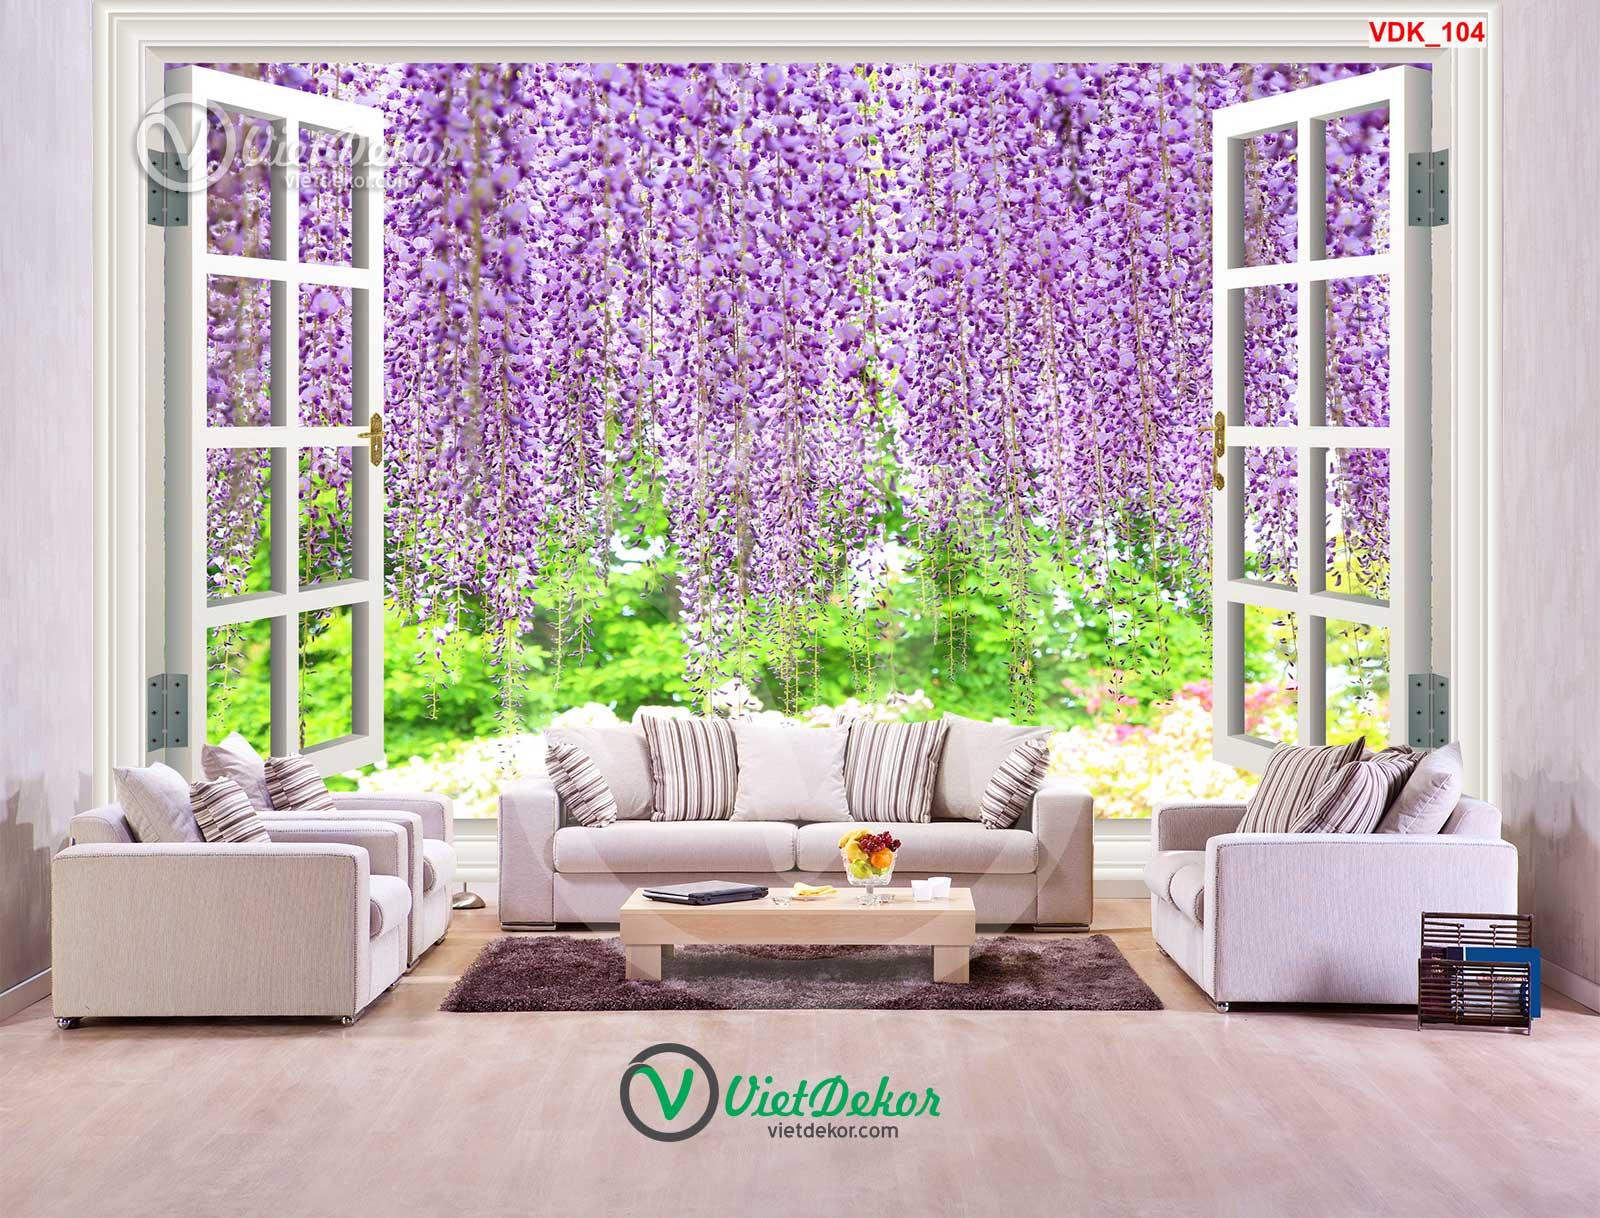 Tranh dán tường 3d cửa sổ dàn hoa phong lan